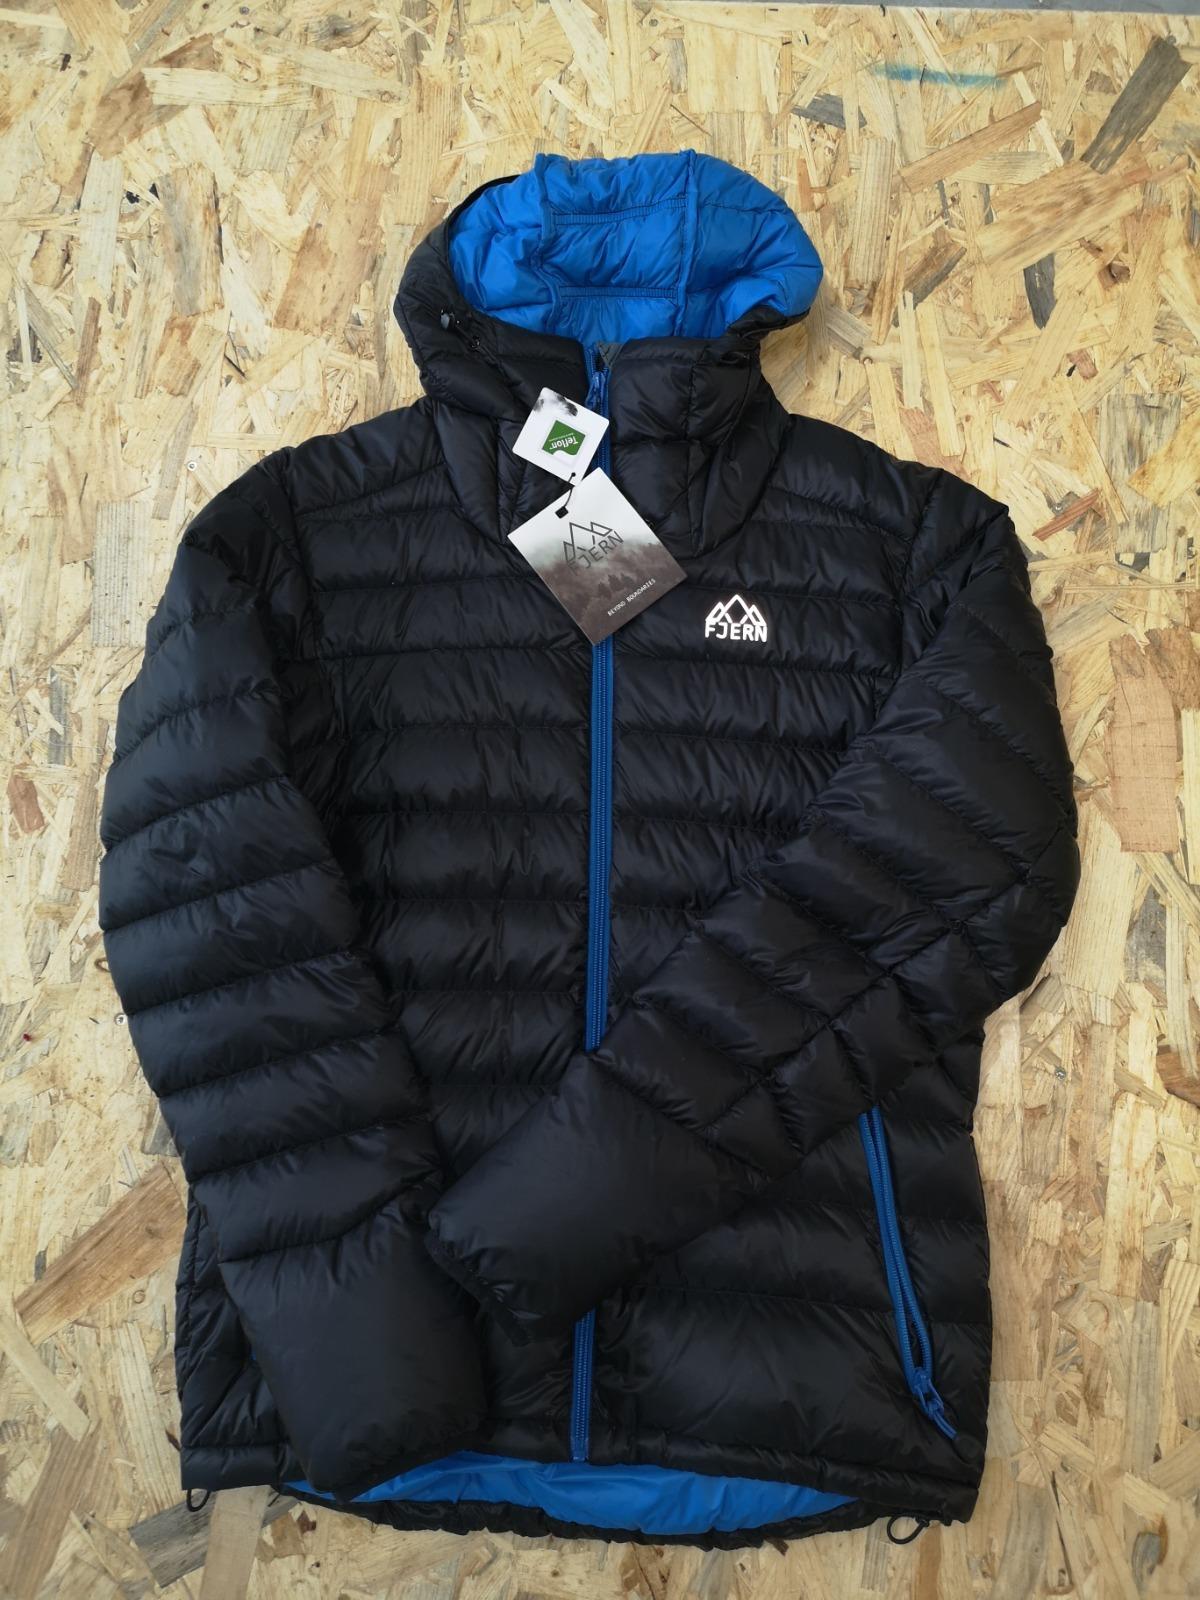 Fjern Down Jacket Black/Cobalt